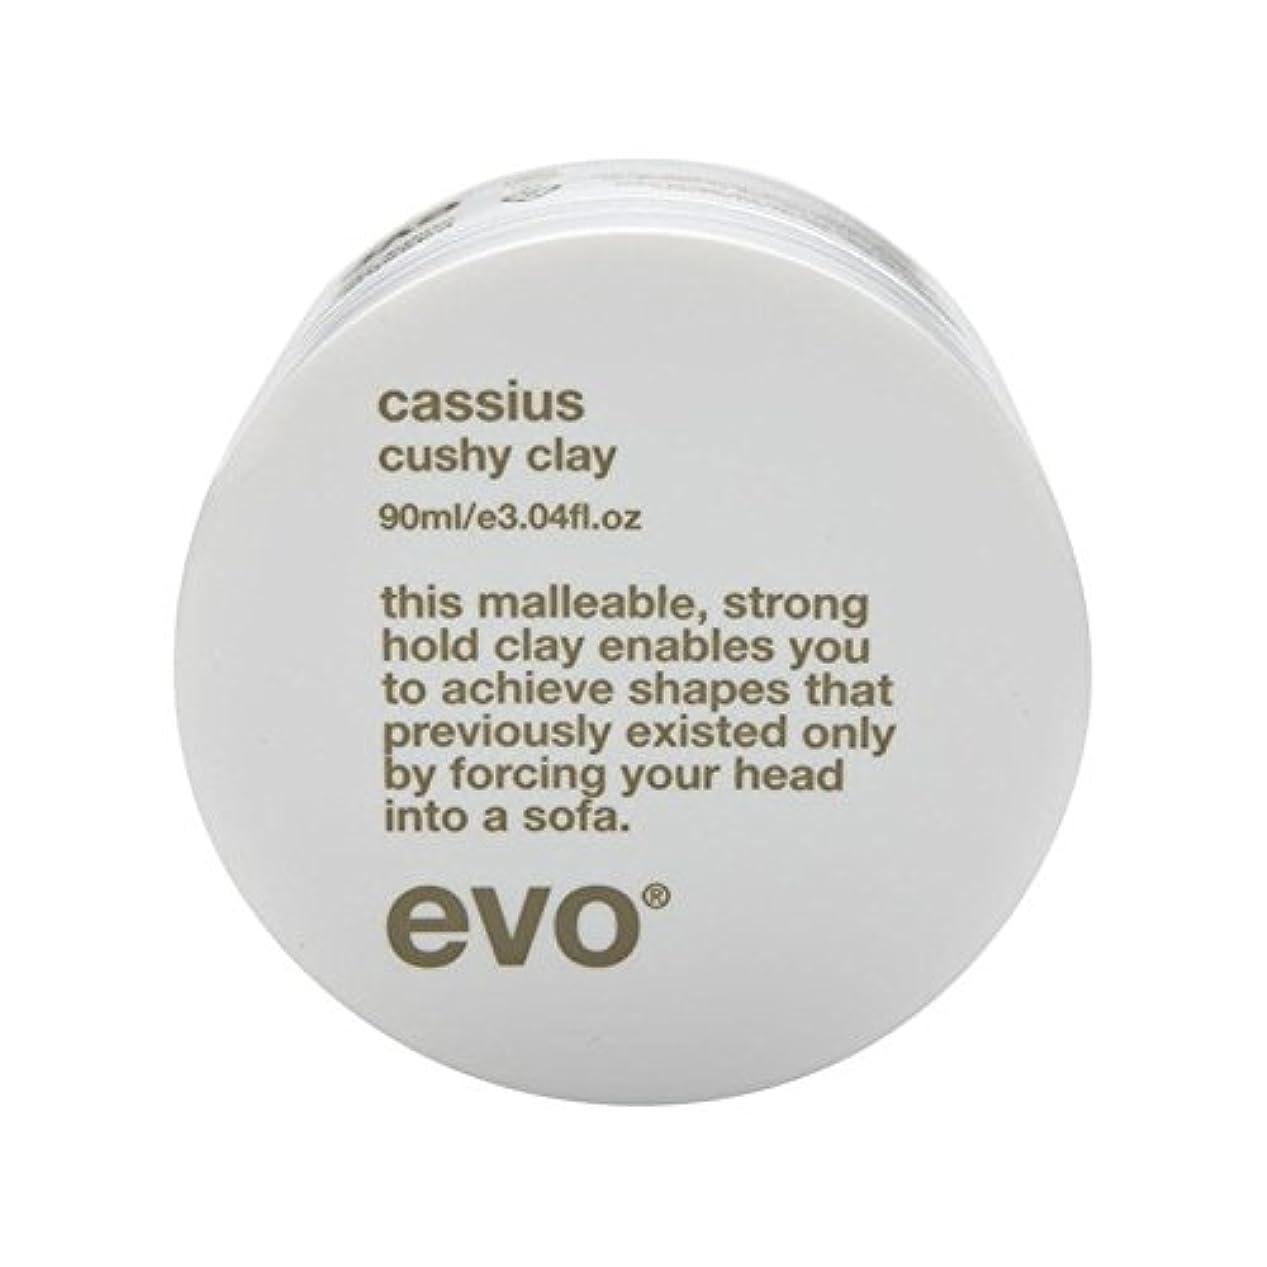 抑止する療法ファンネルウェブスパイダーEvo Cassius Cushy Clay 90G (Pack of 6) - エボカシウス楽な粘土90グラム x6 [並行輸入品]